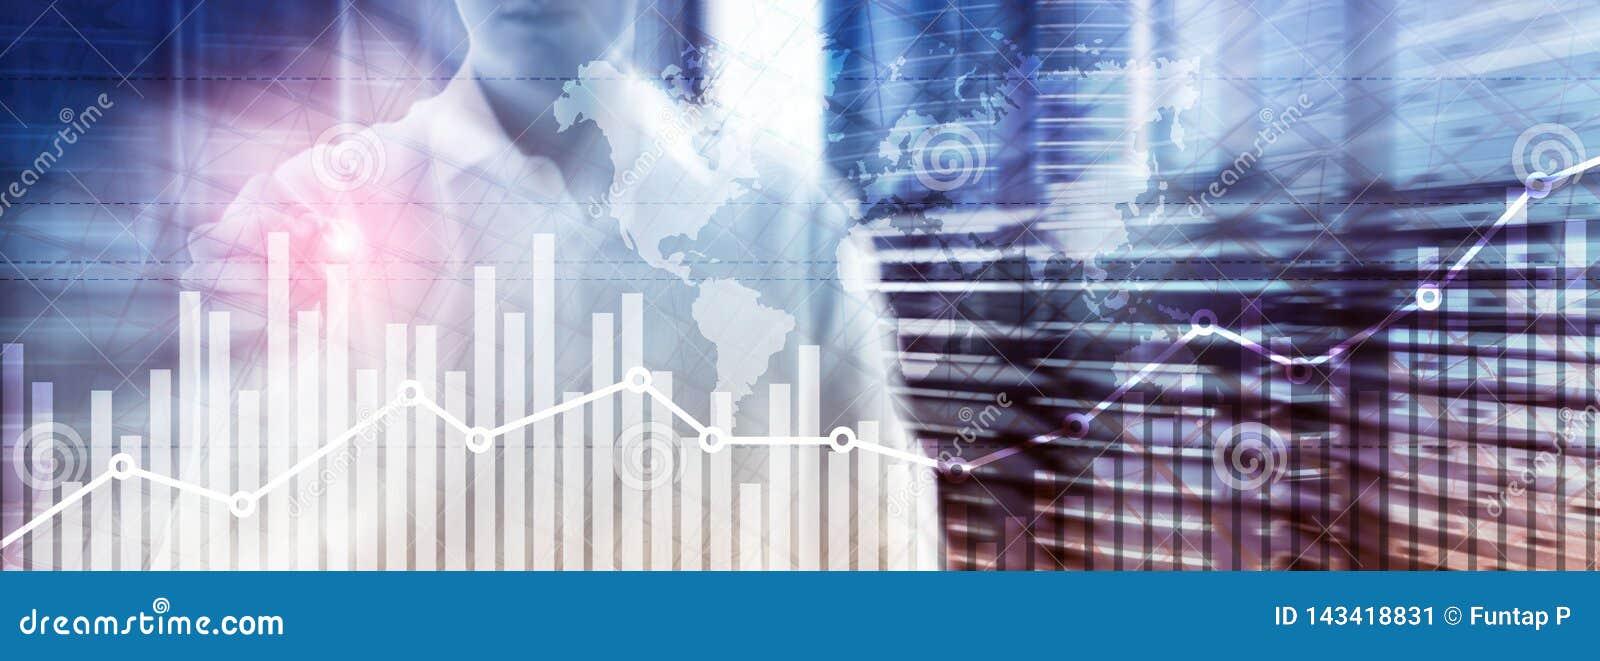 Το διάγραμμα γραφικών παραστάσεων αύξησης επιχειρησιακής χρηματοδότησης που αναλύουν τις εμπορικές συναλλαγές διαγραμμάτων και τα